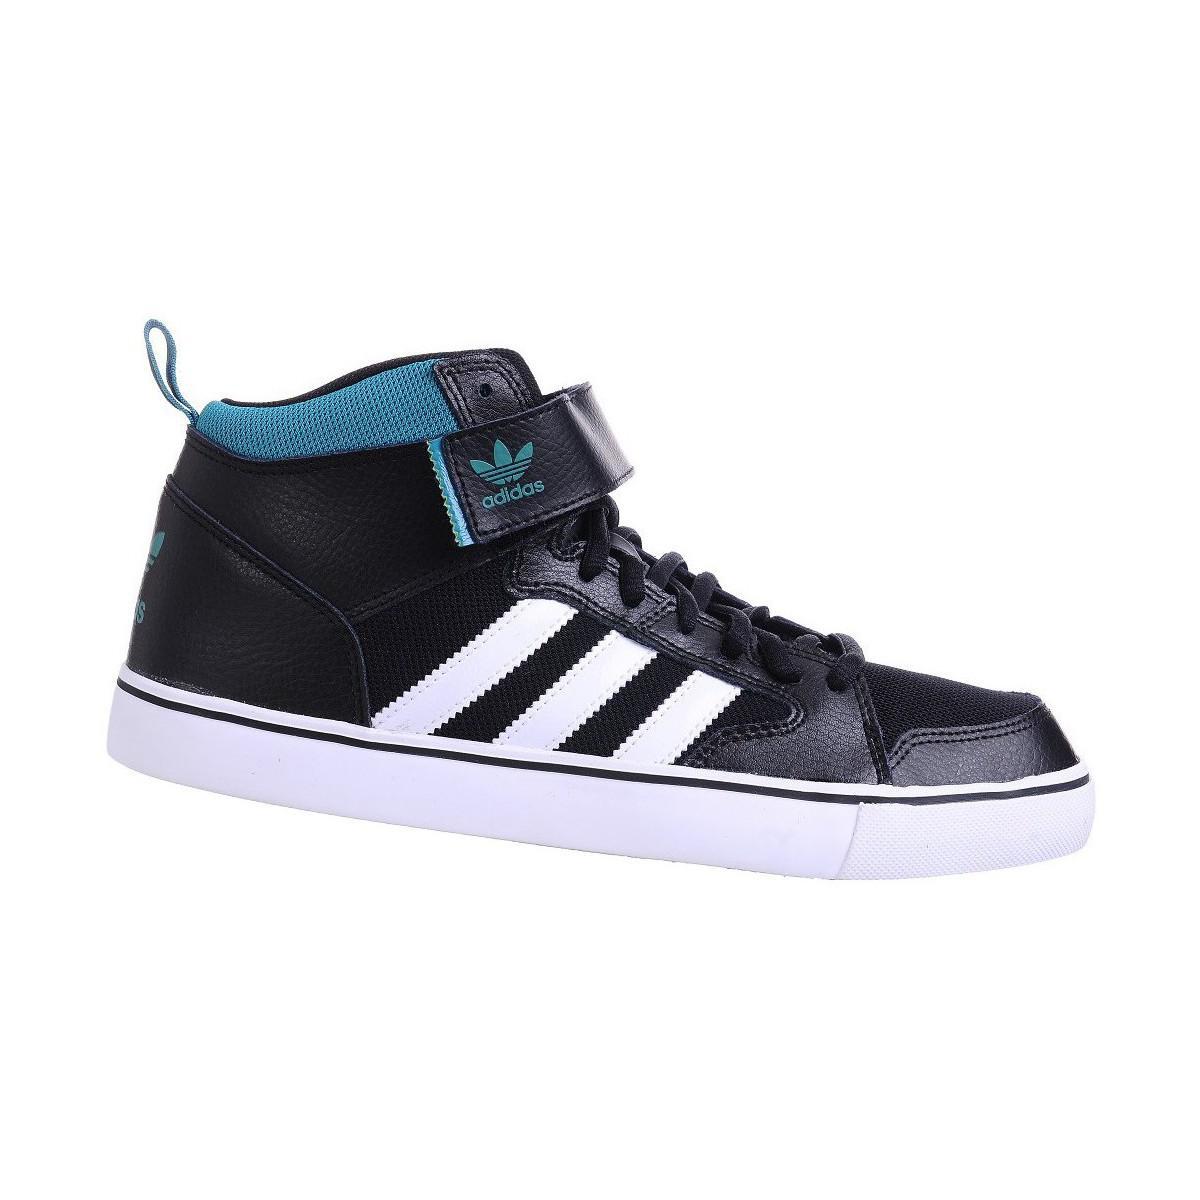 lyst adidas varial metà maschile di basket dei formatori (le scarpe) in bianco